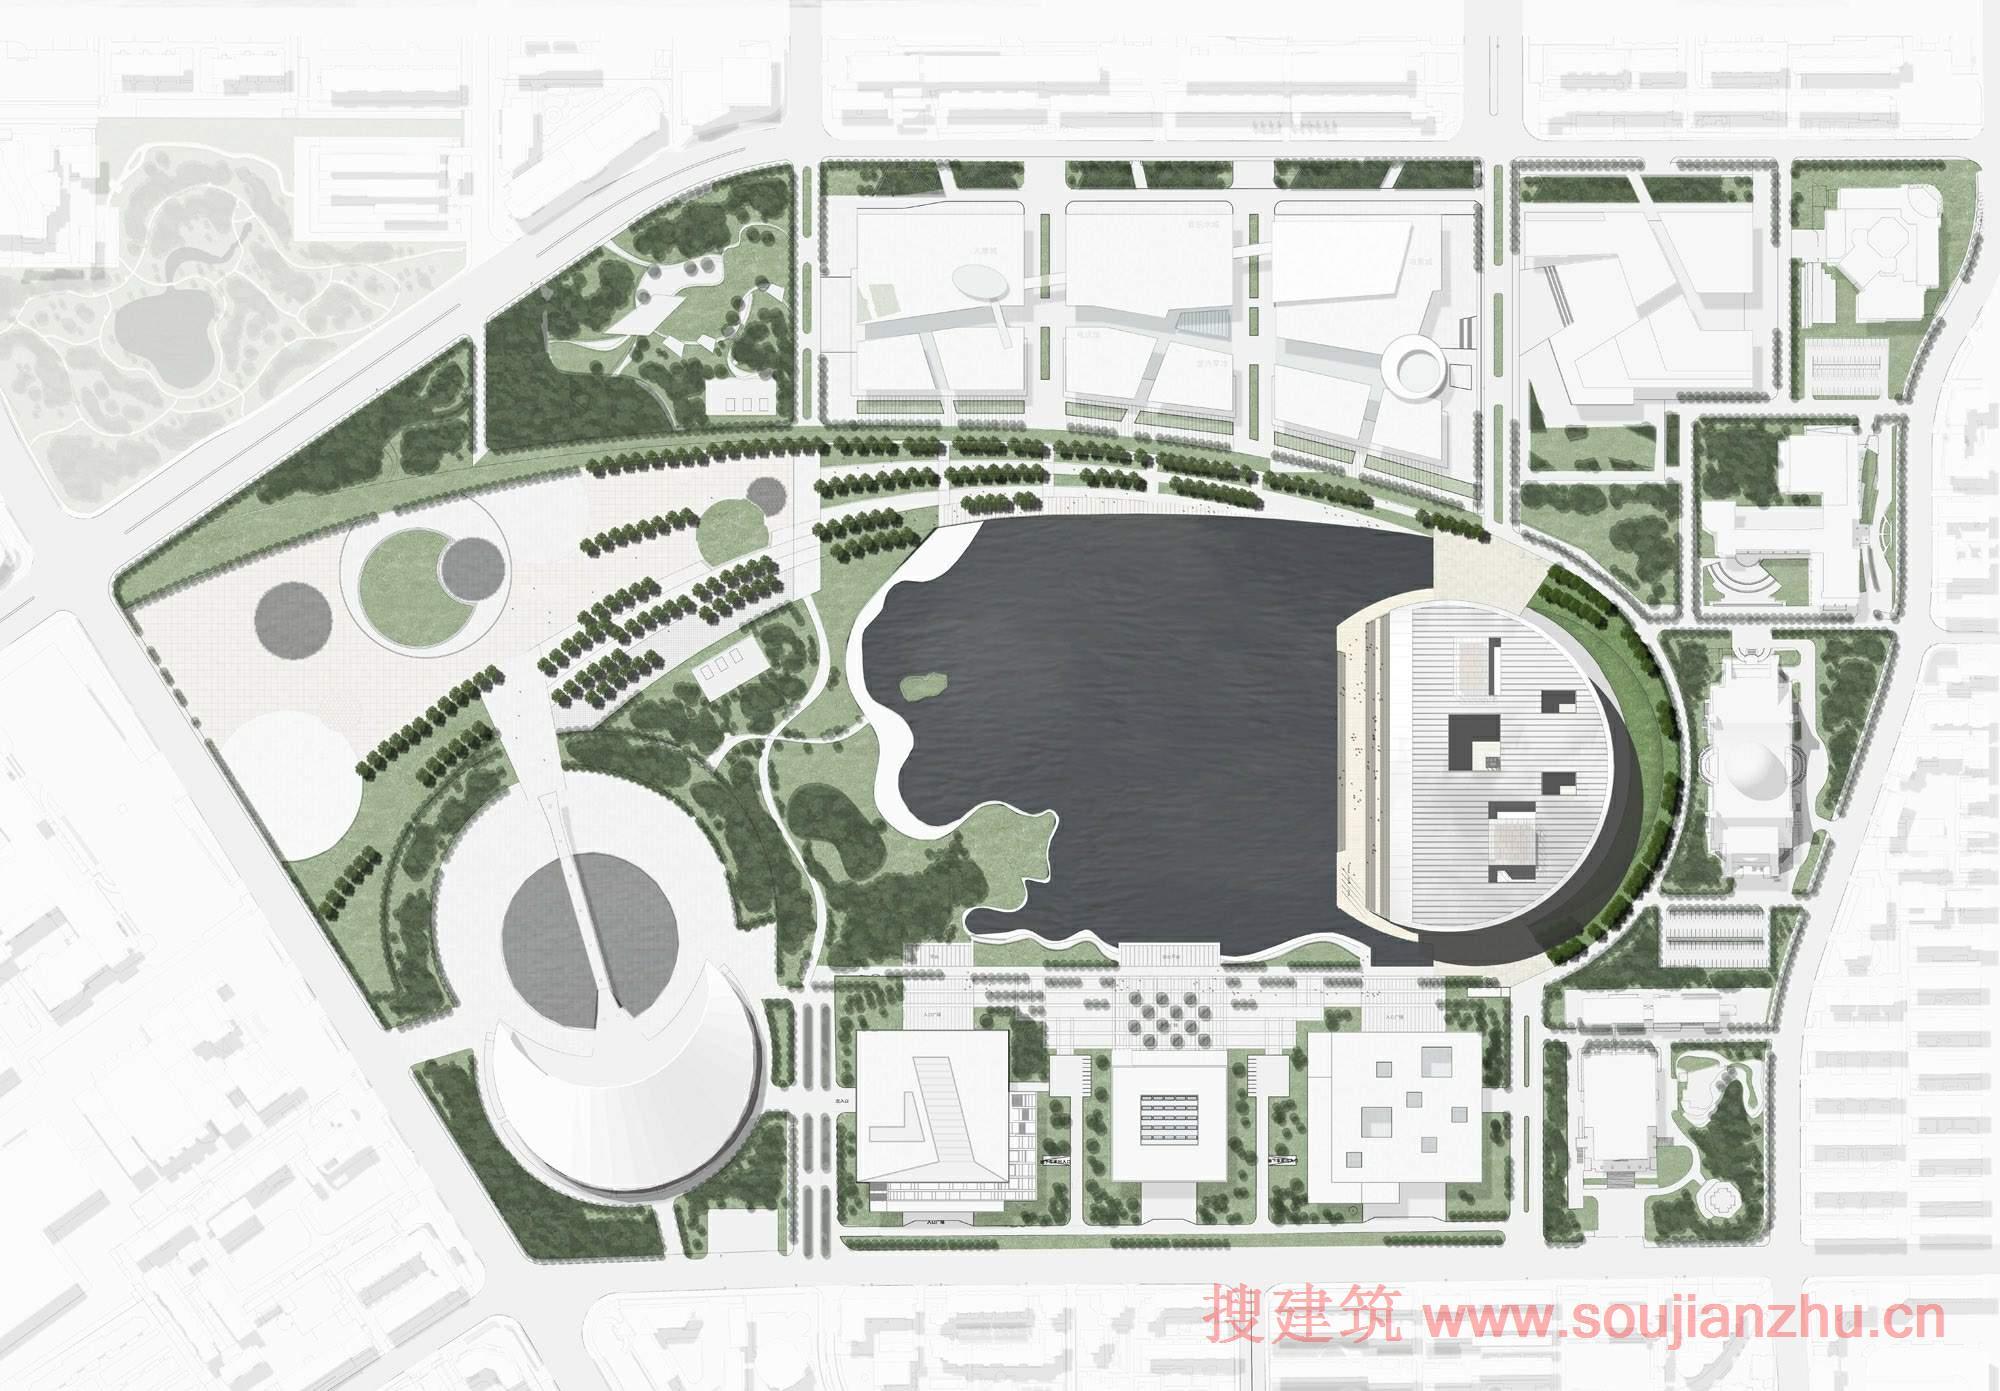 建筑师:gmp Architekten 地点:中国 天津 项目面积:85,000平方米 项目年份:2009 该项目是由gmp Architekten设计的,天津大剧院在新建成的文化公园占据了重要的位置。该建筑的屋顶是圆形的与现有的自然历史博物馆相对应。 大剧院接近广阔的水面其屋顶就像打开的贝壳。歌剧厅,音乐厅和多功能厅,露在水面上就像贝壳上的珍珠一样。宽阔的楼梯连接的石头基础创造了一种城市生活还可以俯瞰湖泊和文化公园广场。避免车辆交通在靠近水域的一侧。陡坡位于北部和南部,而巴士站位于沿住宅丘东部